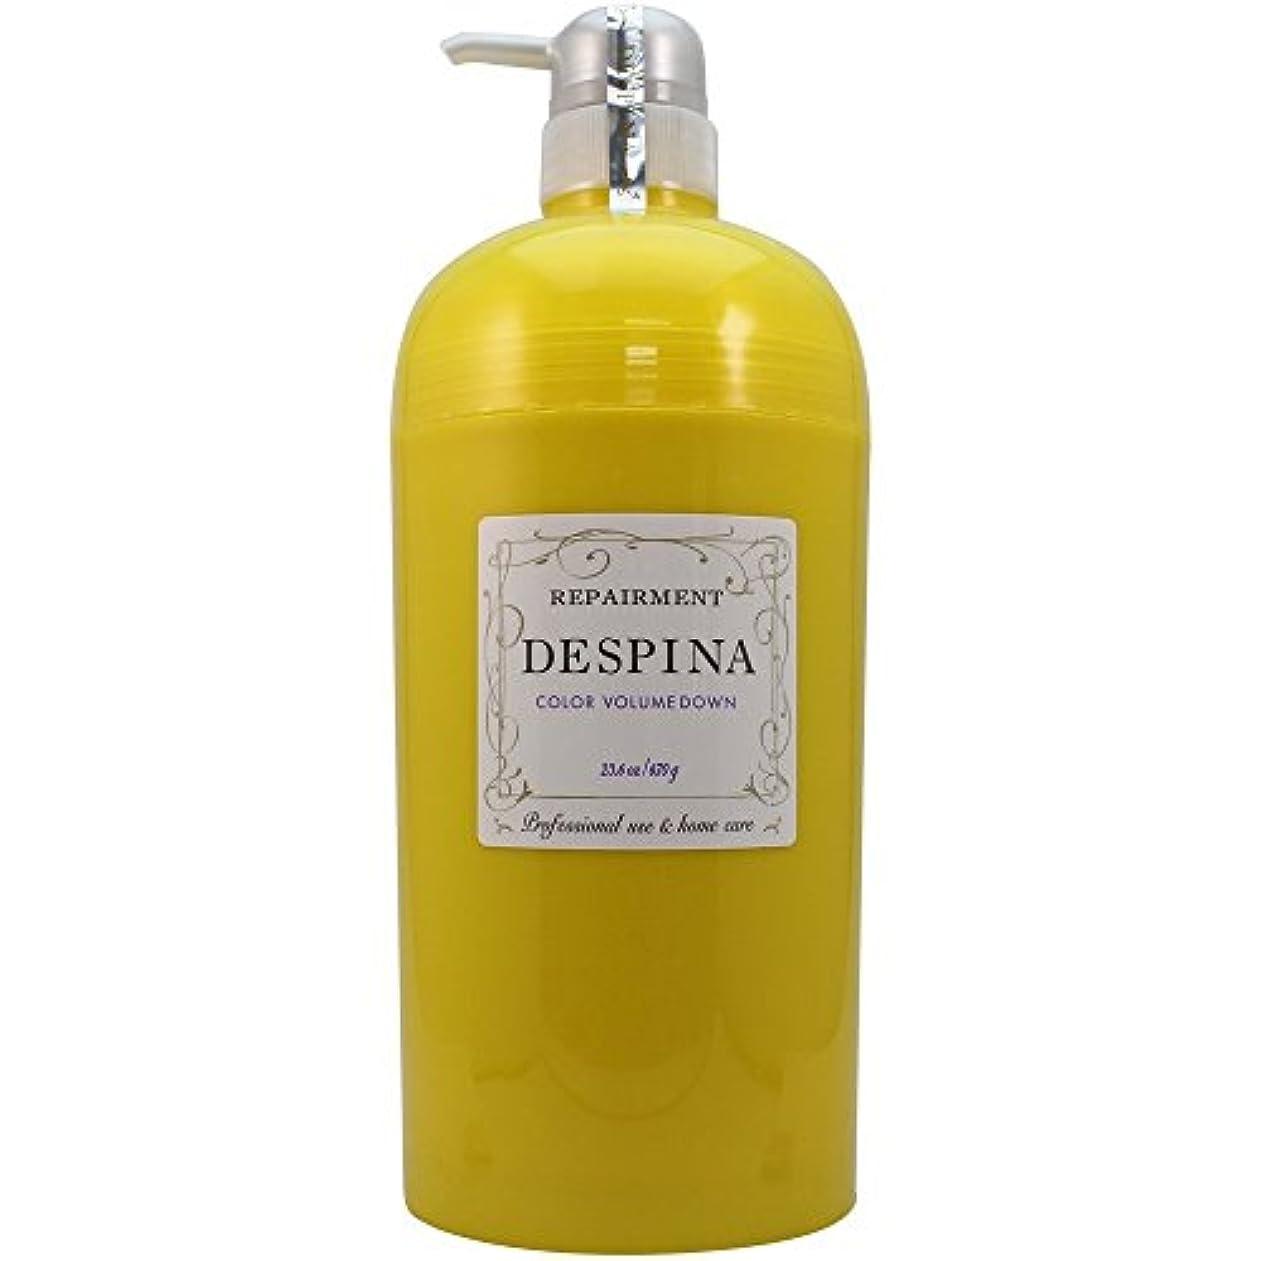 火傷有名なソーダ水中野製薬 デスピナ リペアメント カラー ボリュームダウン 670g